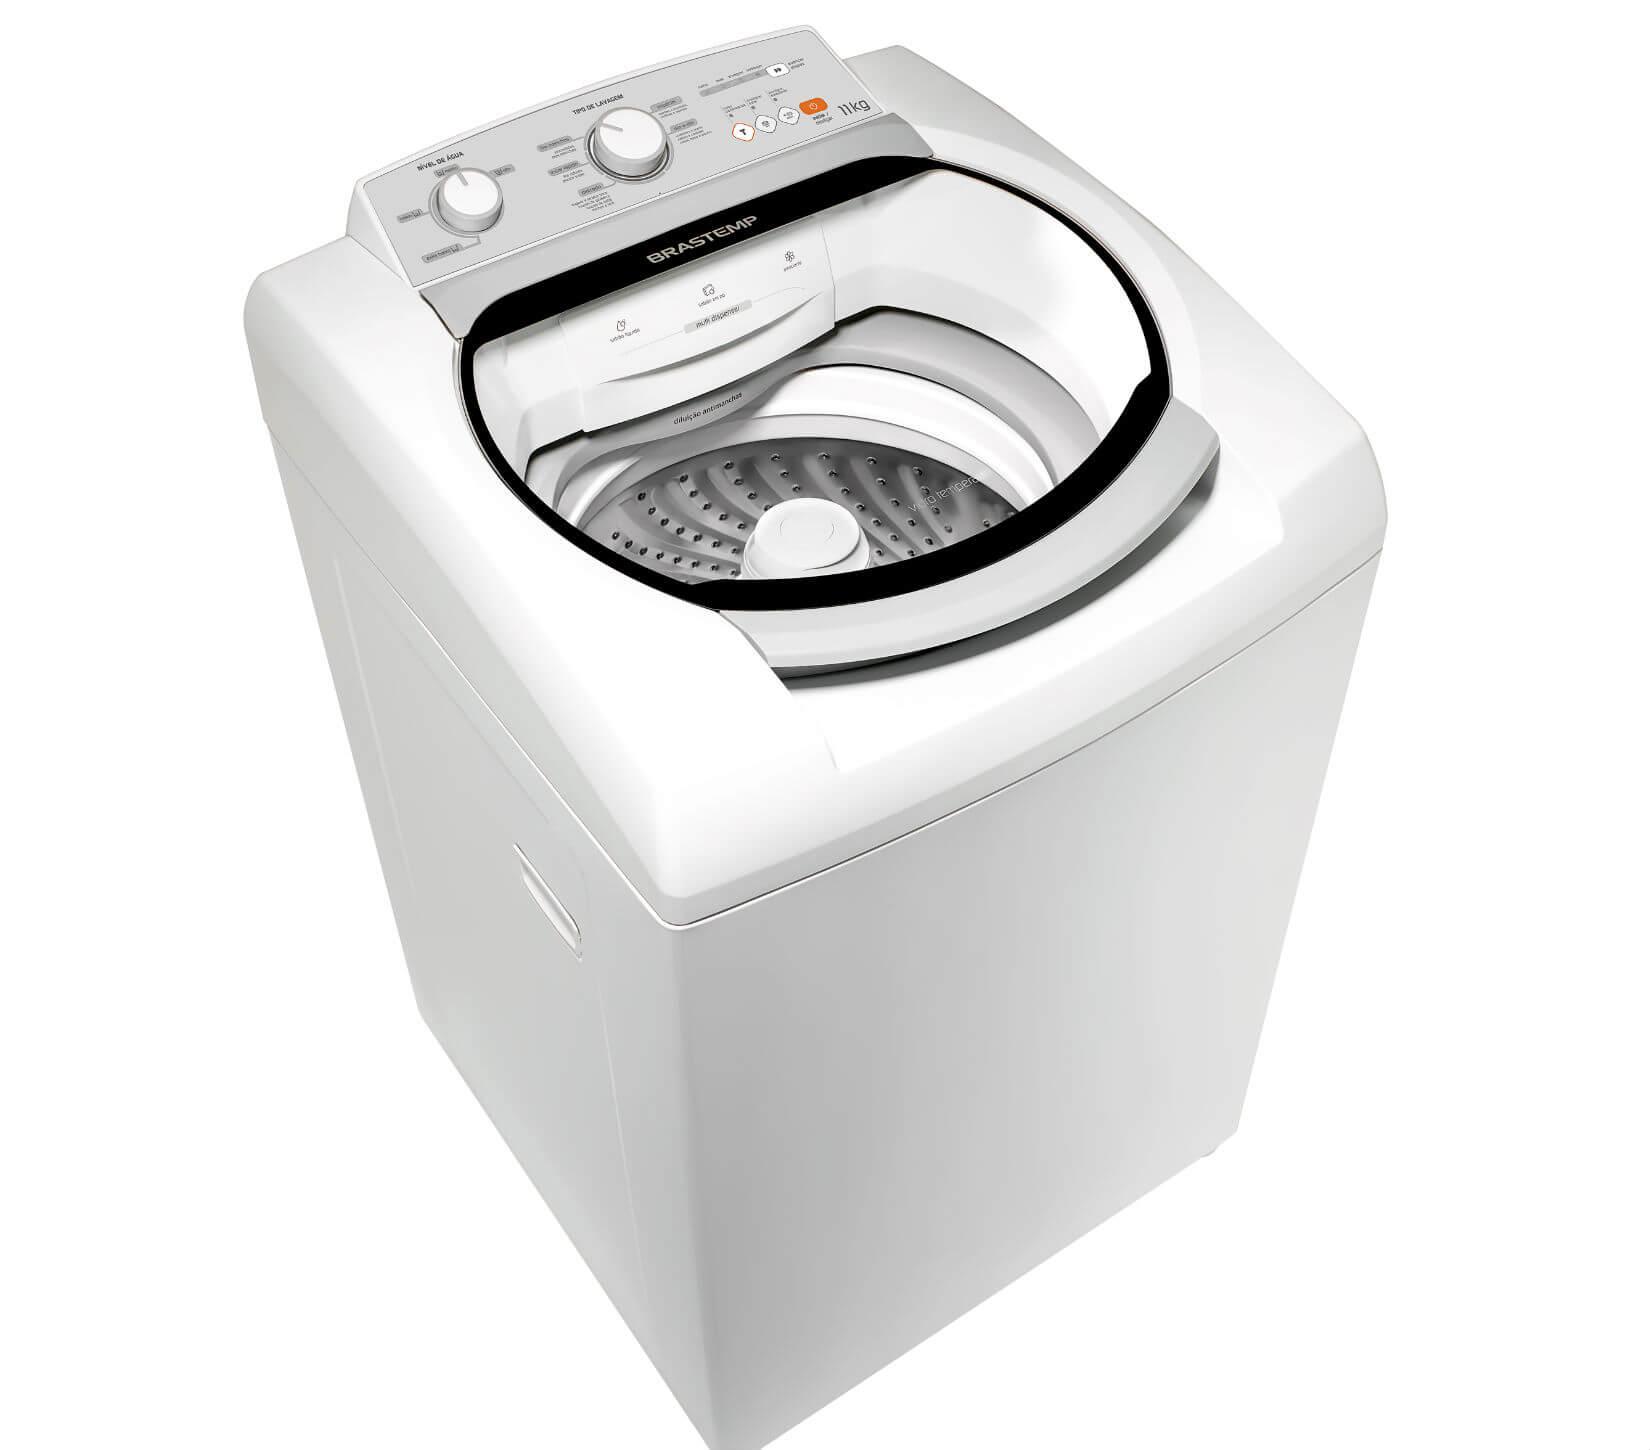 Máquina de Lavar Brastemp 11kg com Ciclo Tira Manchas e Função Turbo Performance